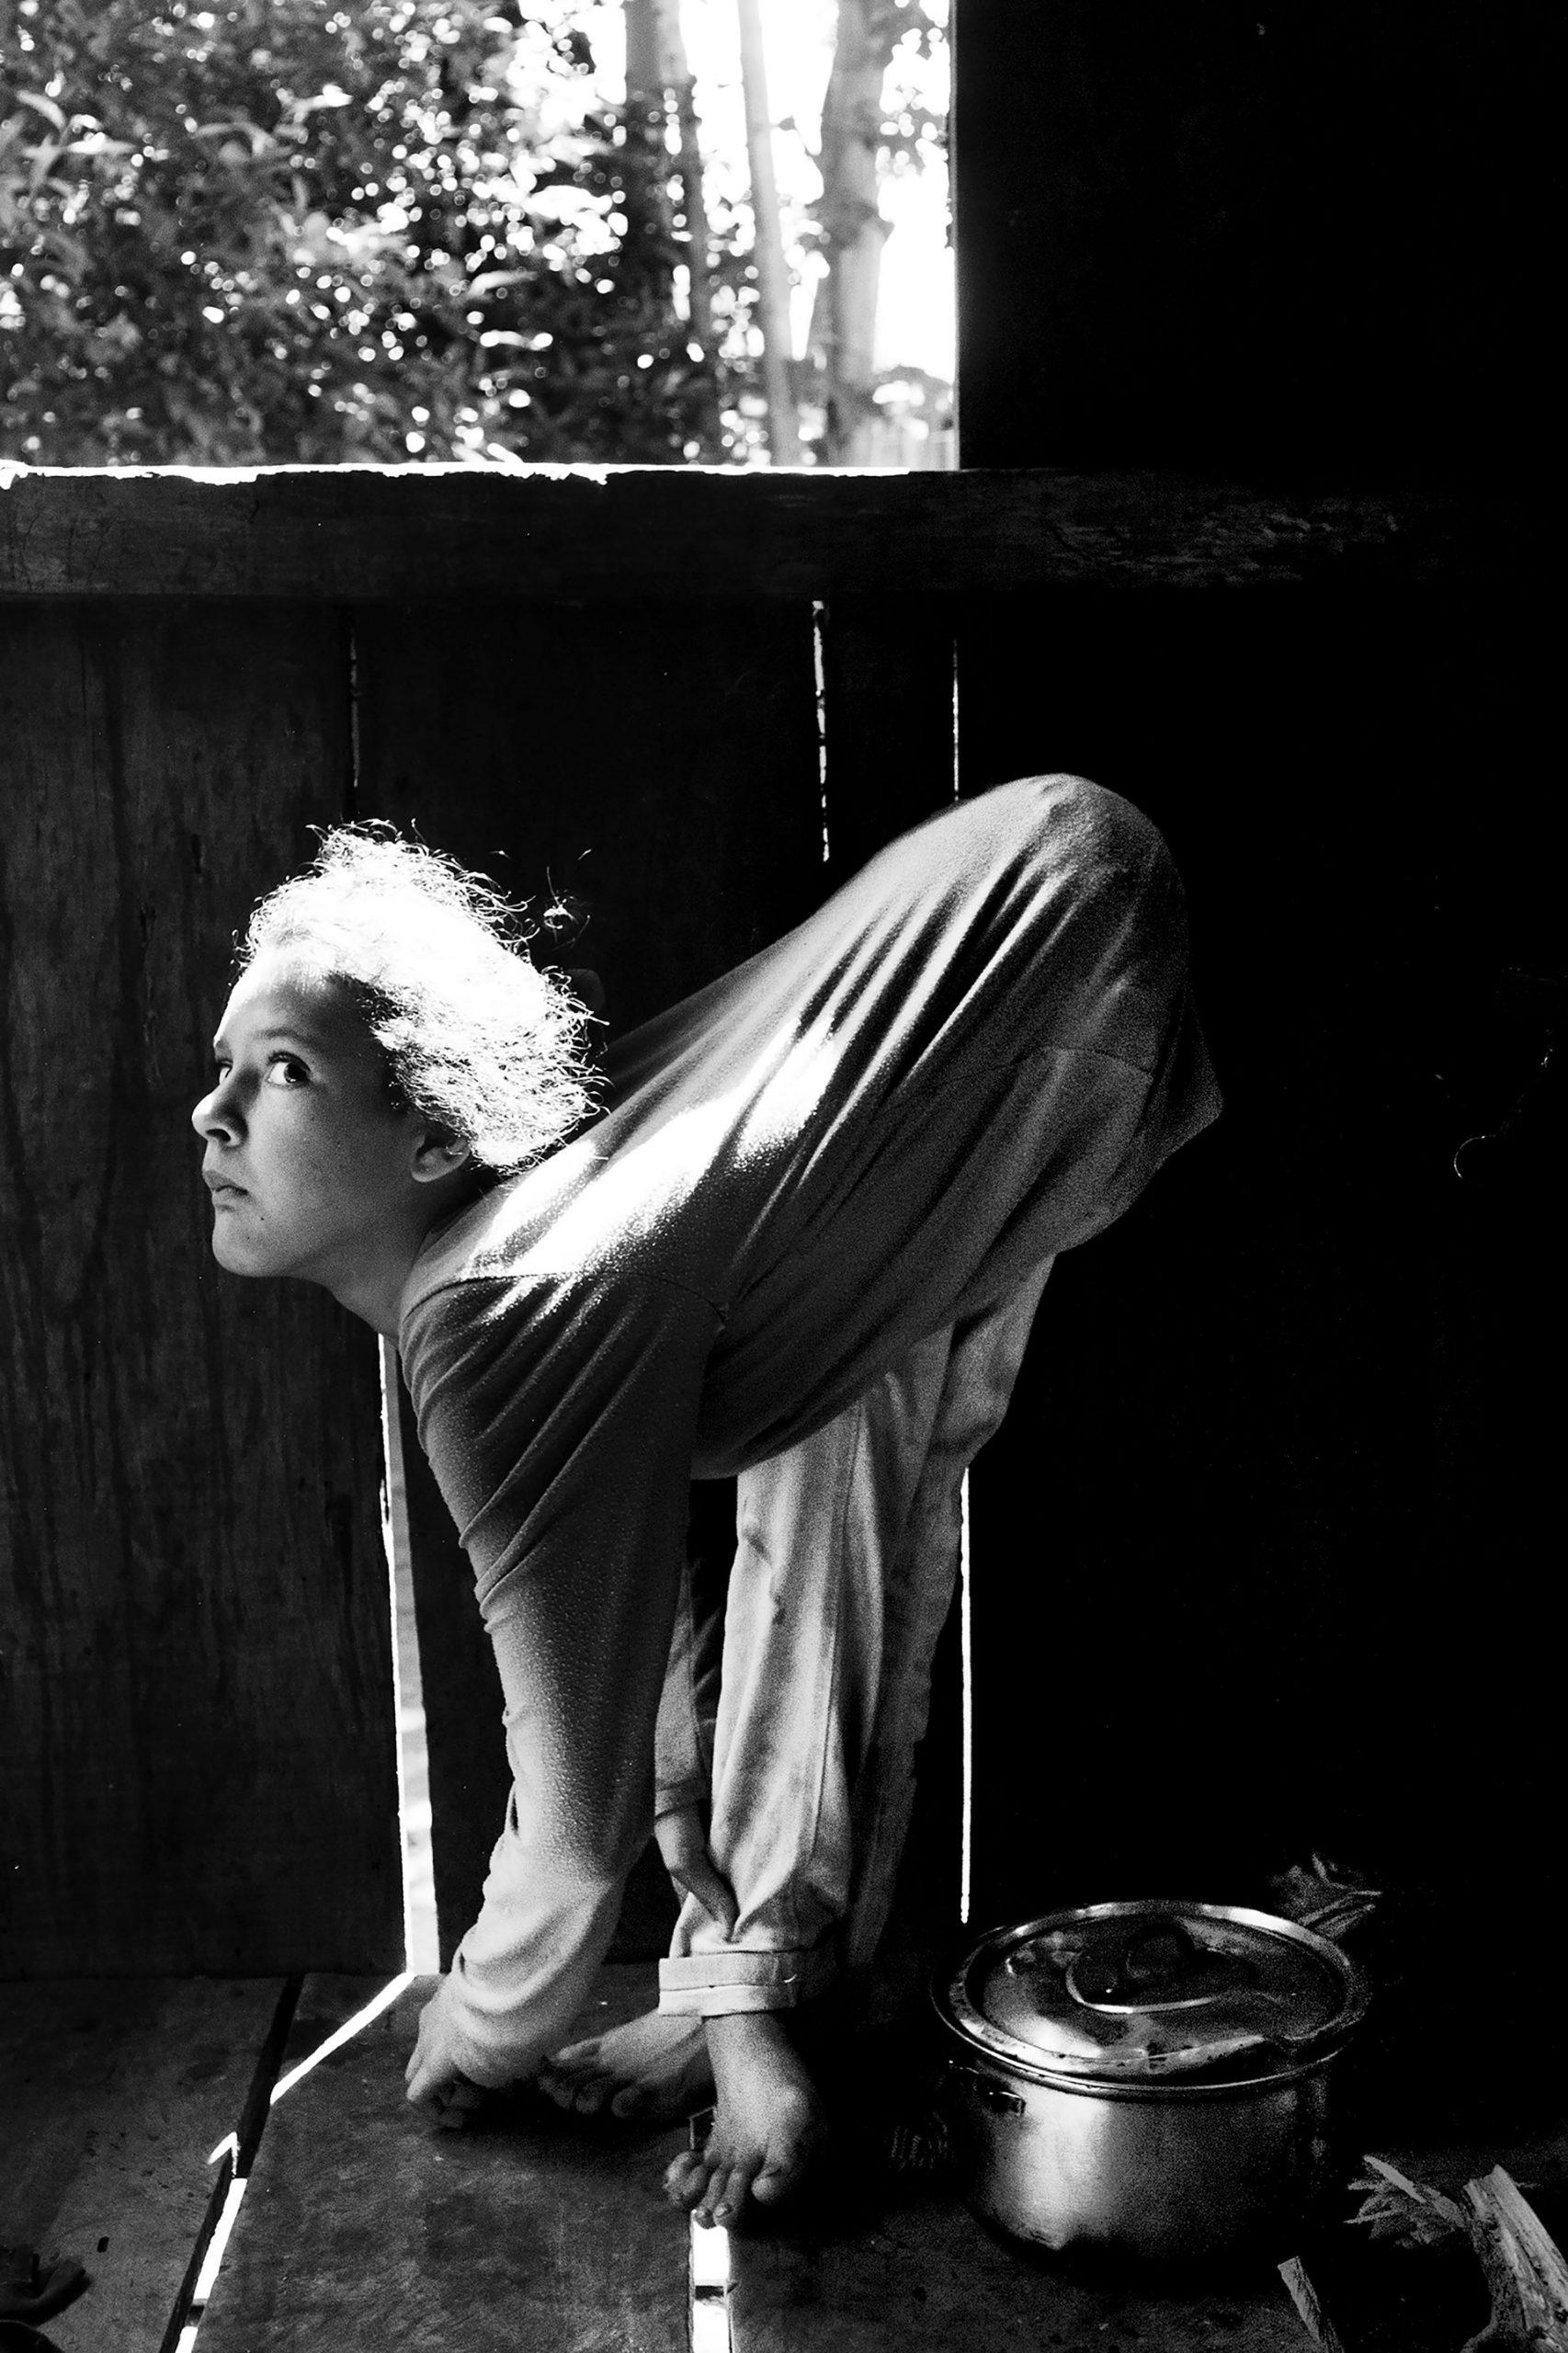 7-4-2015. Fracrán, Provincia de Misiones. Desde los 7 años, Jesica Sheffer (actualmente 11) sufre una malformación de los tendones que le impide estar erguida. Fracrán es una zona productora de tabaco con un alto índice de incidencia de personas afectadas por los agrotóxicos. En la provincia de Misiones, cinco de cada mil niños o niñas nacen con mielomeningocele (MMC), una grave malformación del sistema nervioso central. Nacen con espina bífida, lo cual les provoca incontinencia urinaria y fecal y problemas en los miembros inferiores.